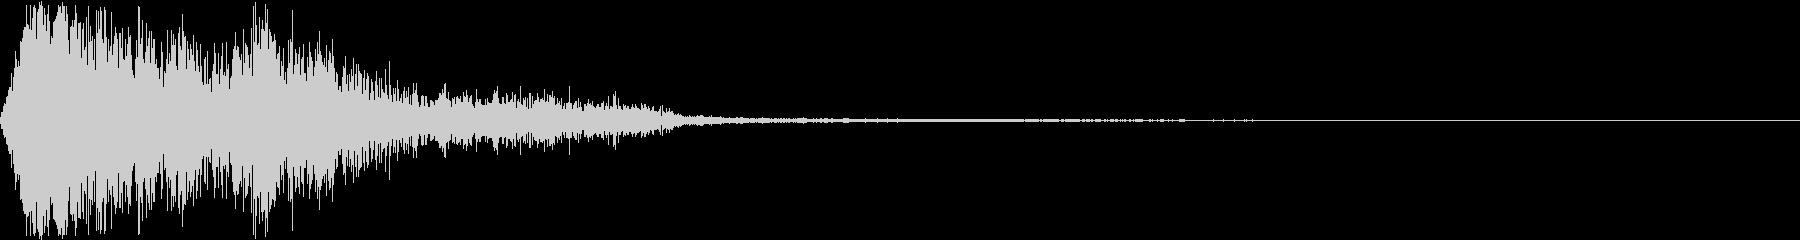 ひゅーん、バリッ、バリ...の未再生の波形